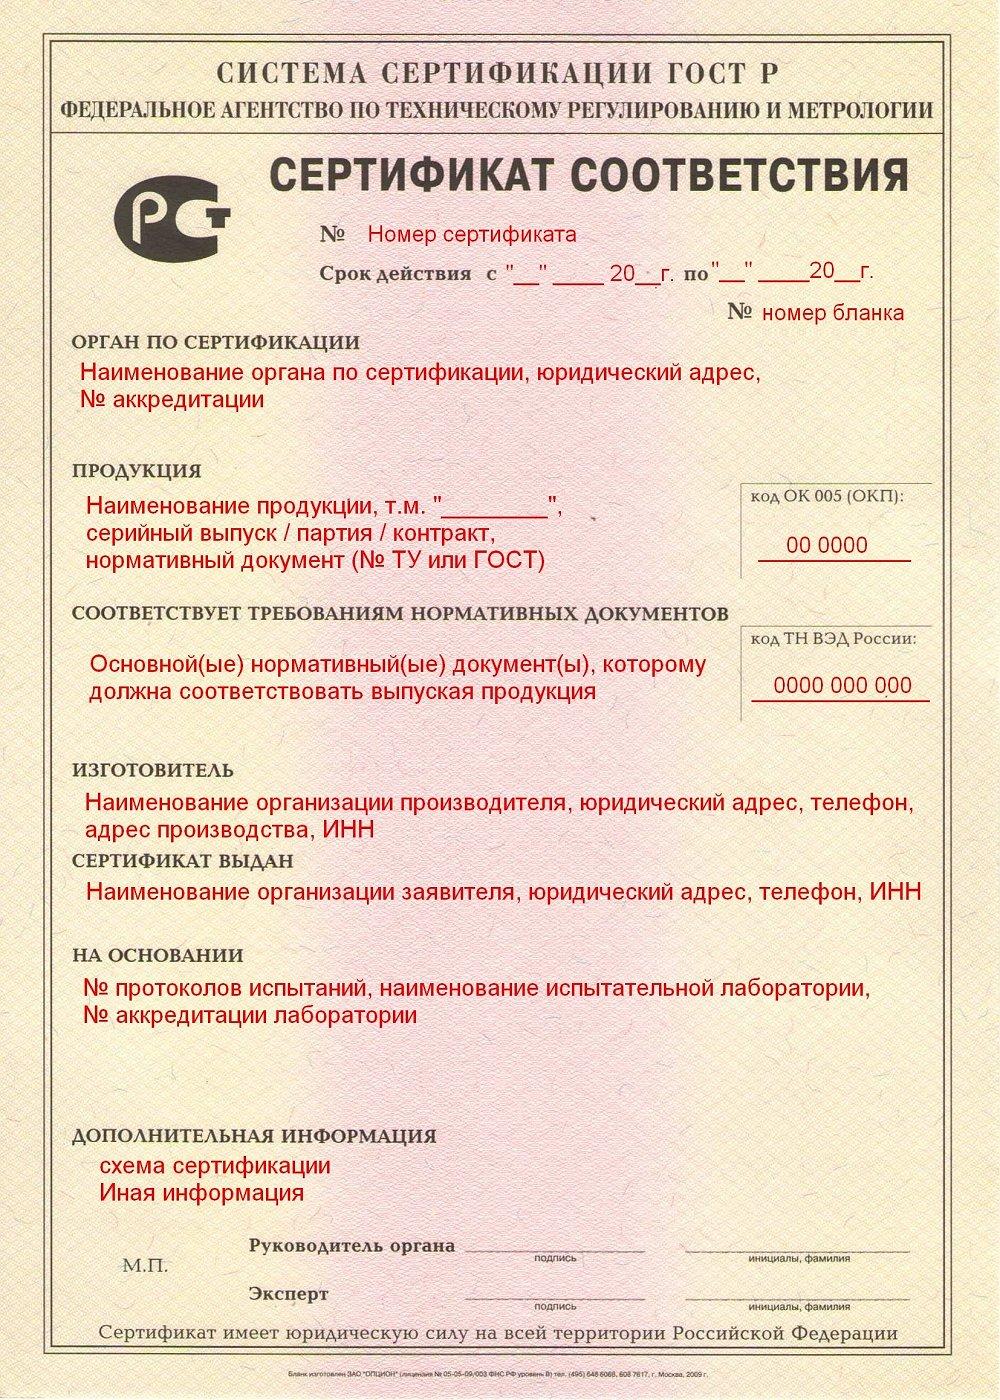 сертификат контракт схема